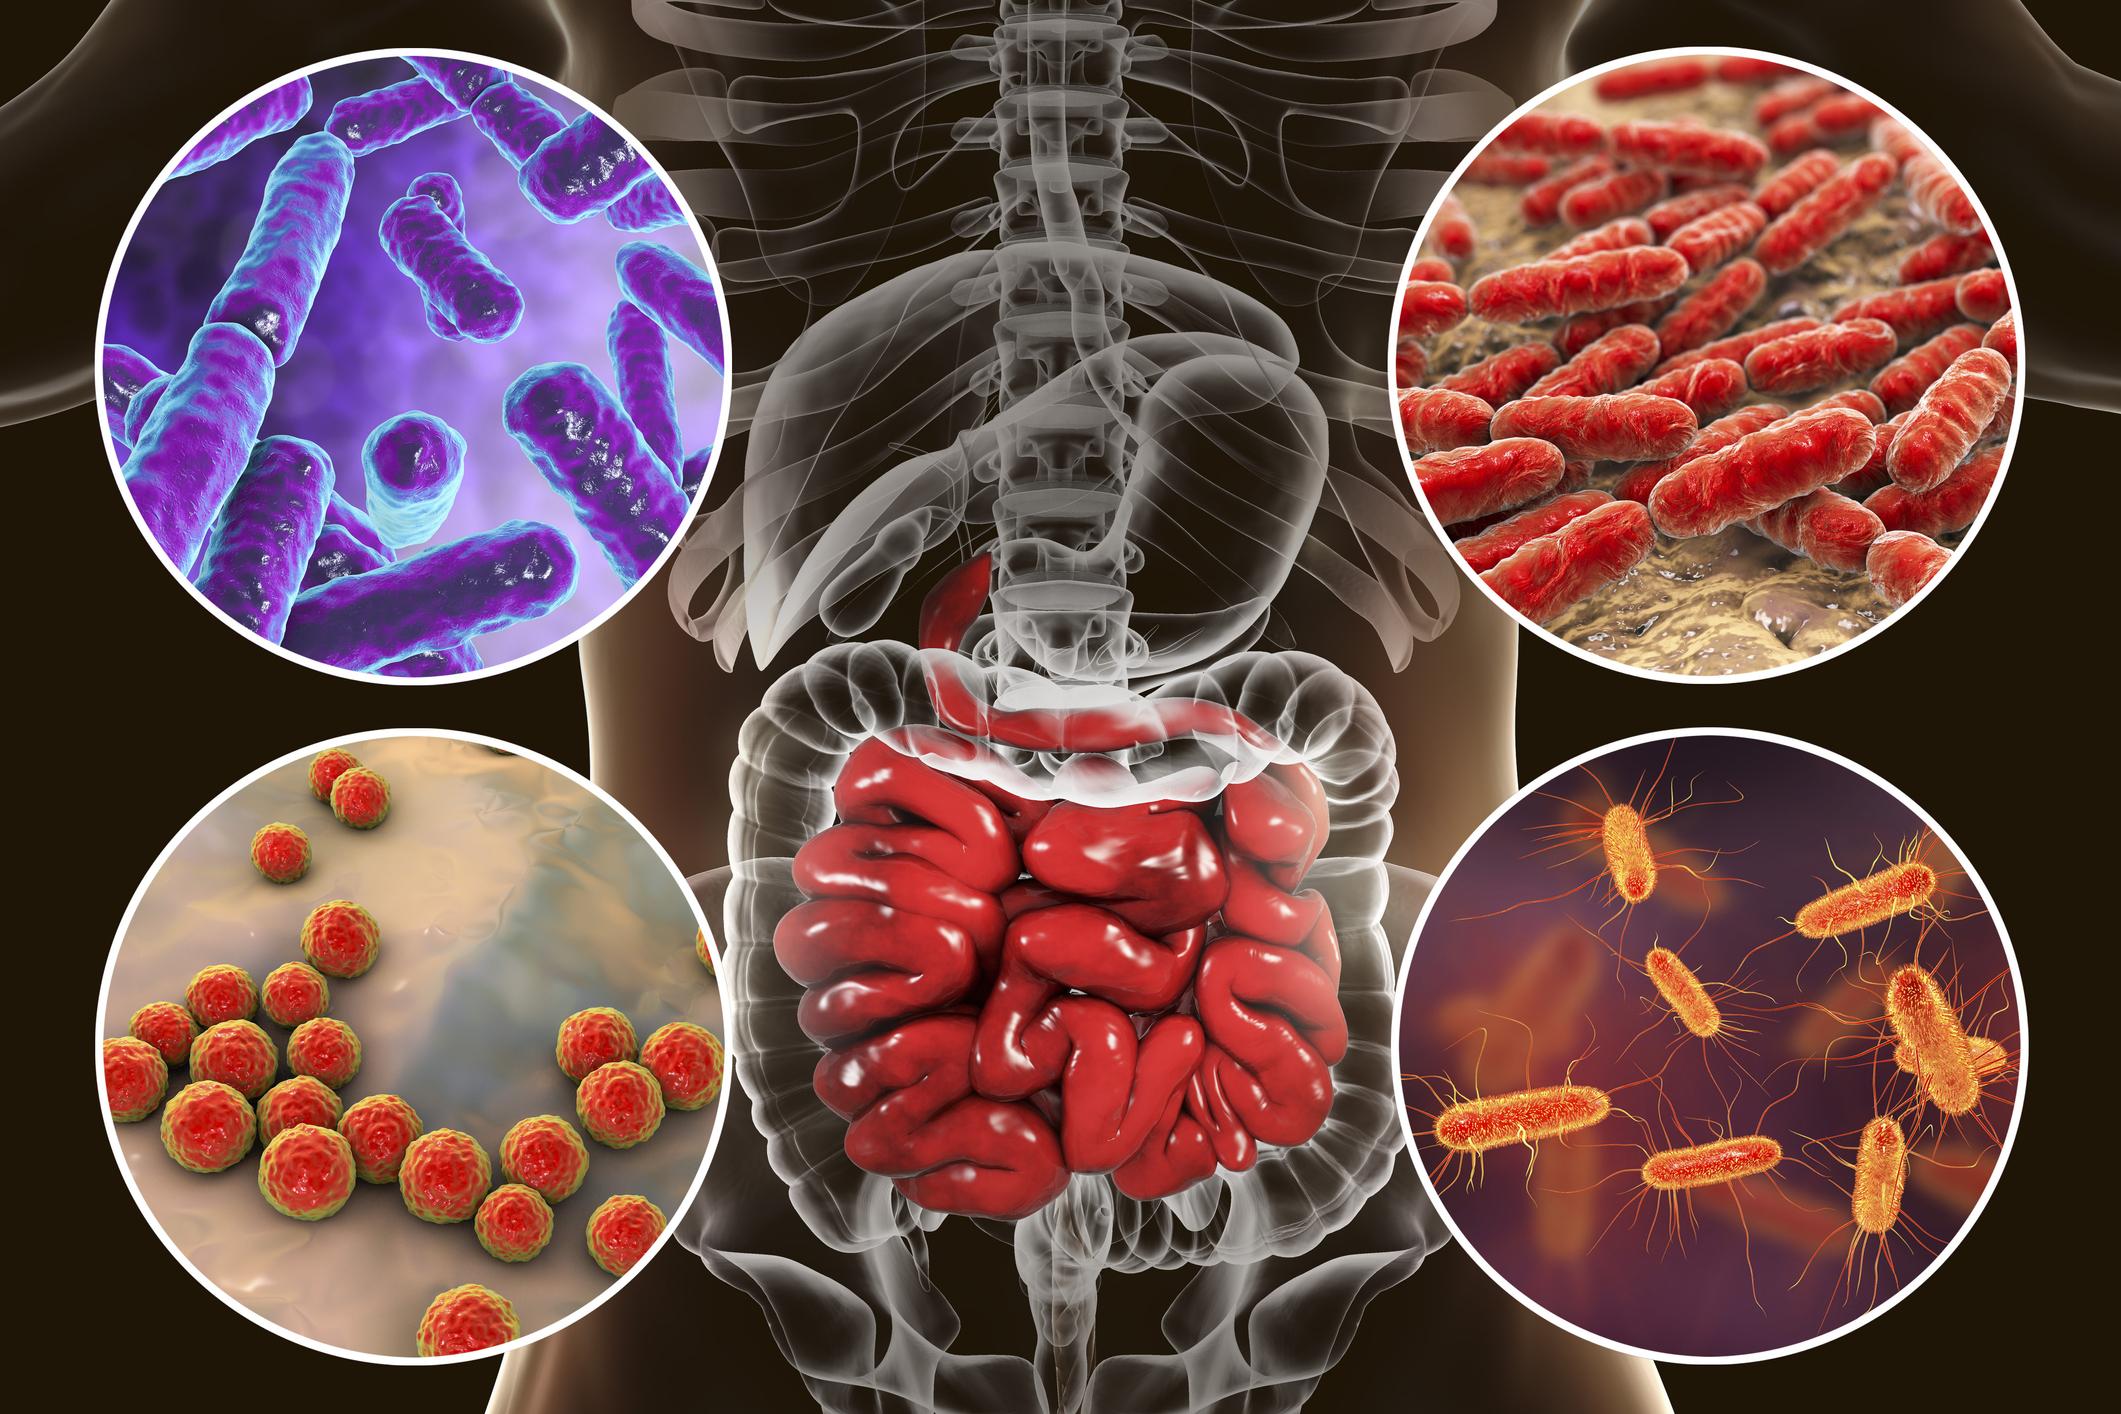 Imagen del intestino y sus bacterias.